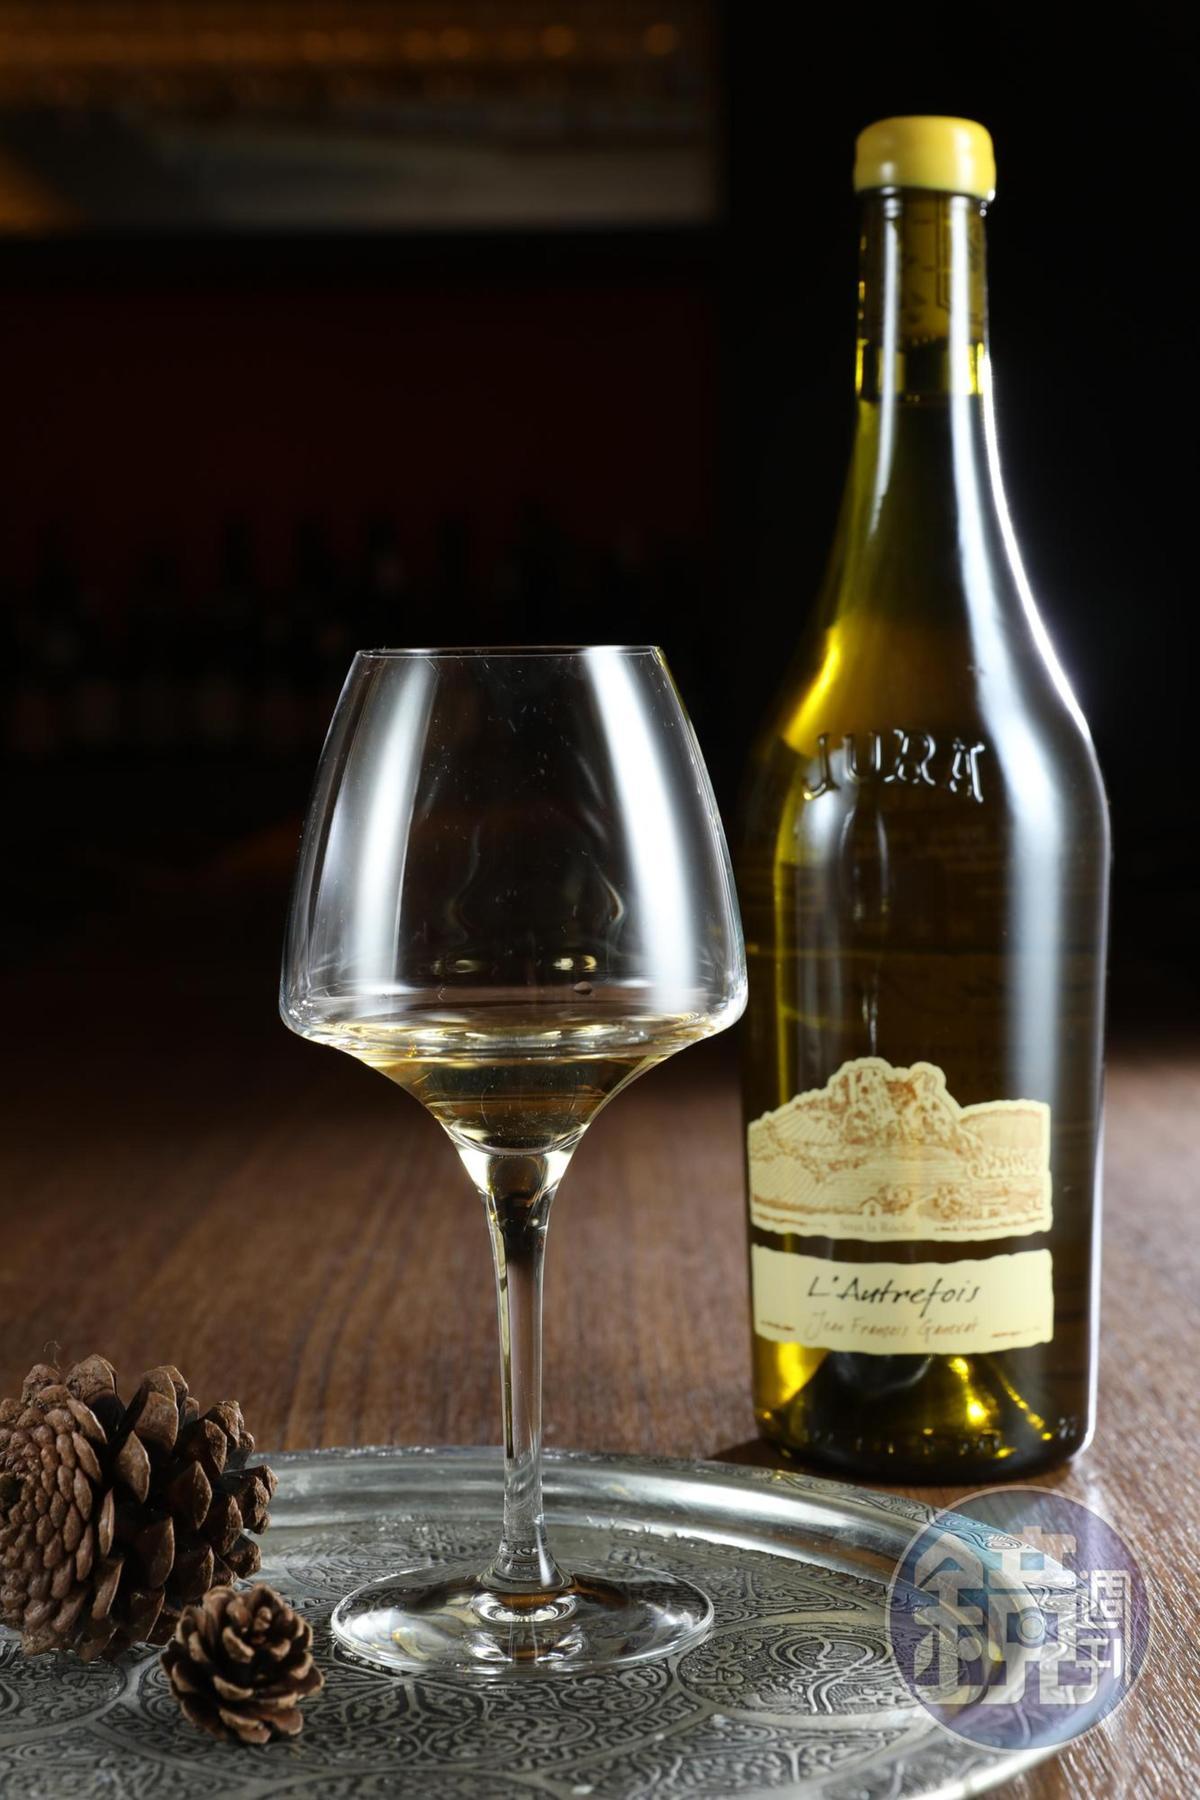 氧化式培養白酒「Jean François Ganevat, Côte du Jura, L'autrefois, Chardonnay, 2011」酒體強壯,顛覆自然酒經常顯得淡薄無力的刻板印象。(維納瑞,1,600元/瓶)